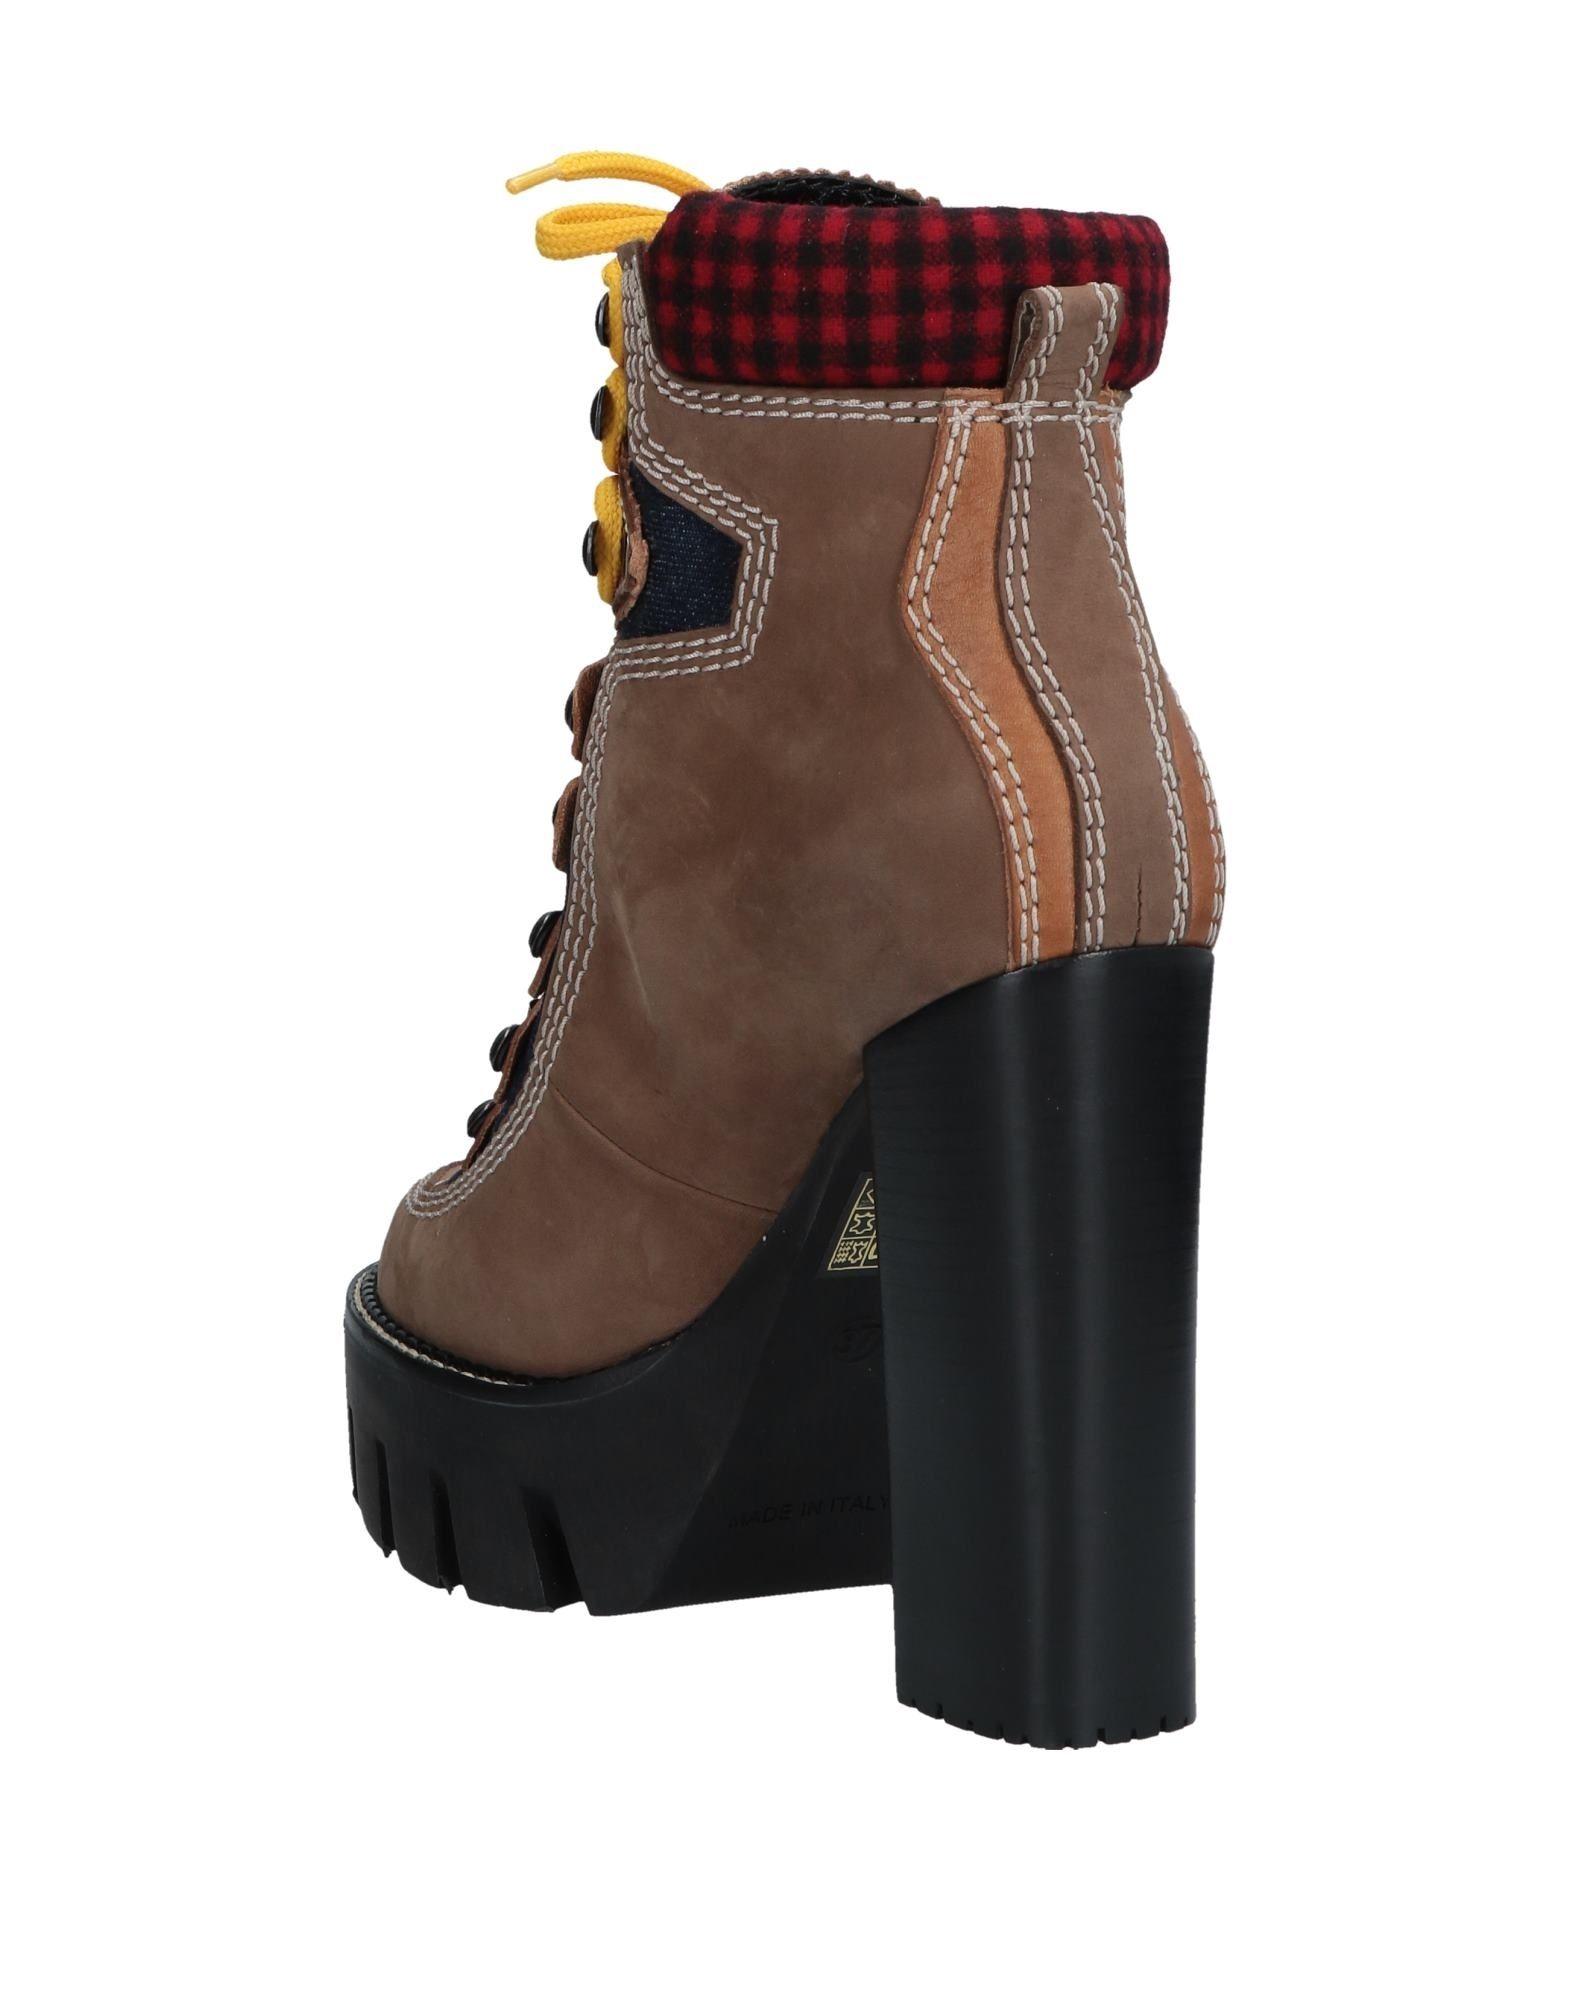 Dsquared2 Stiefelette Damen  11555780GOGünstige Schuhe gut aussehende Schuhe 11555780GOGünstige e9adc4